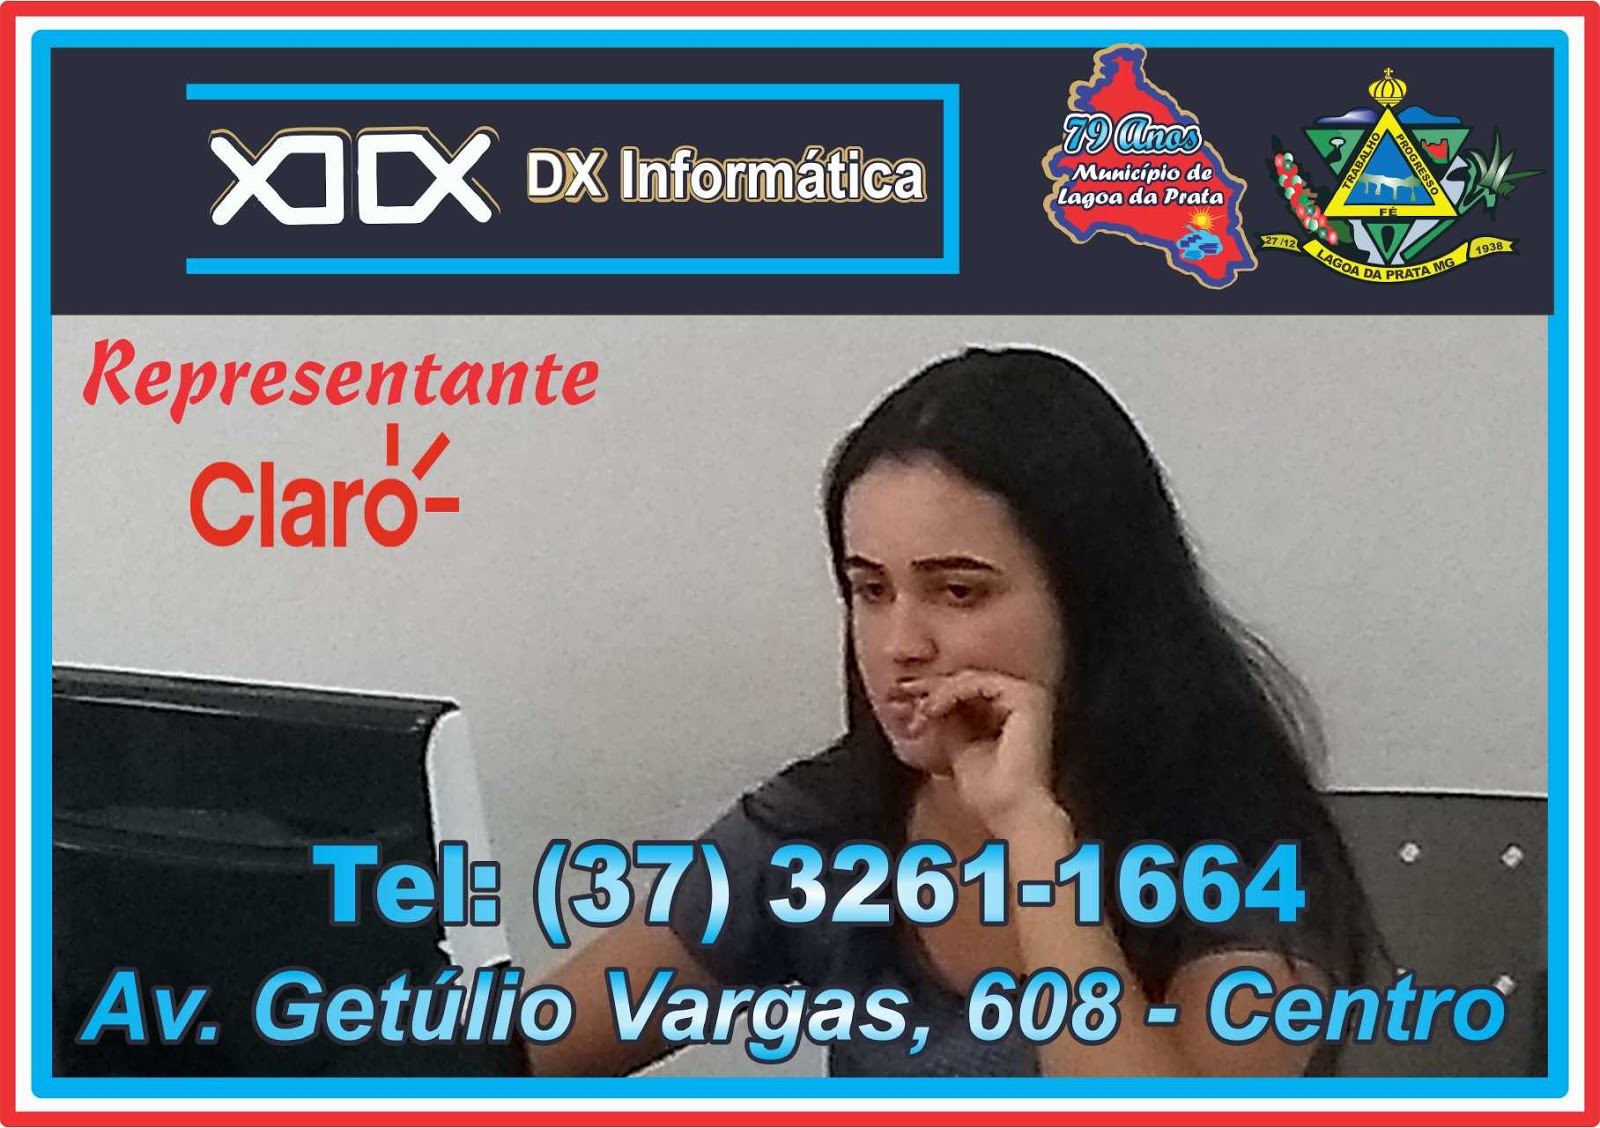 DX  Informática - Tel: (37) 3261-1664 / 3261-1080  ***